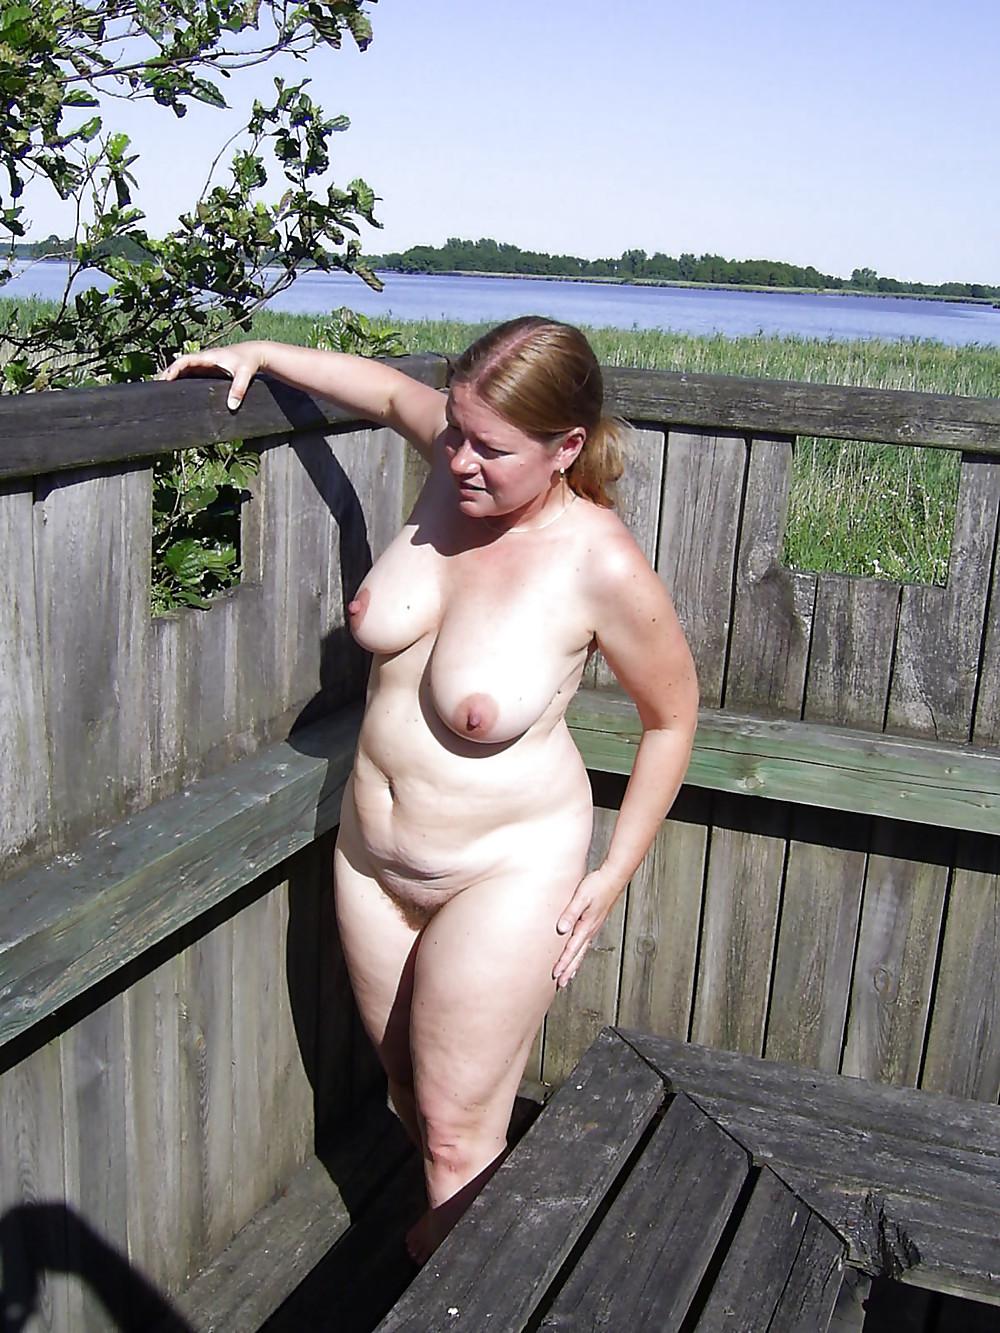 Деревенские женщины в возрасте голышом, климова в эро сценах